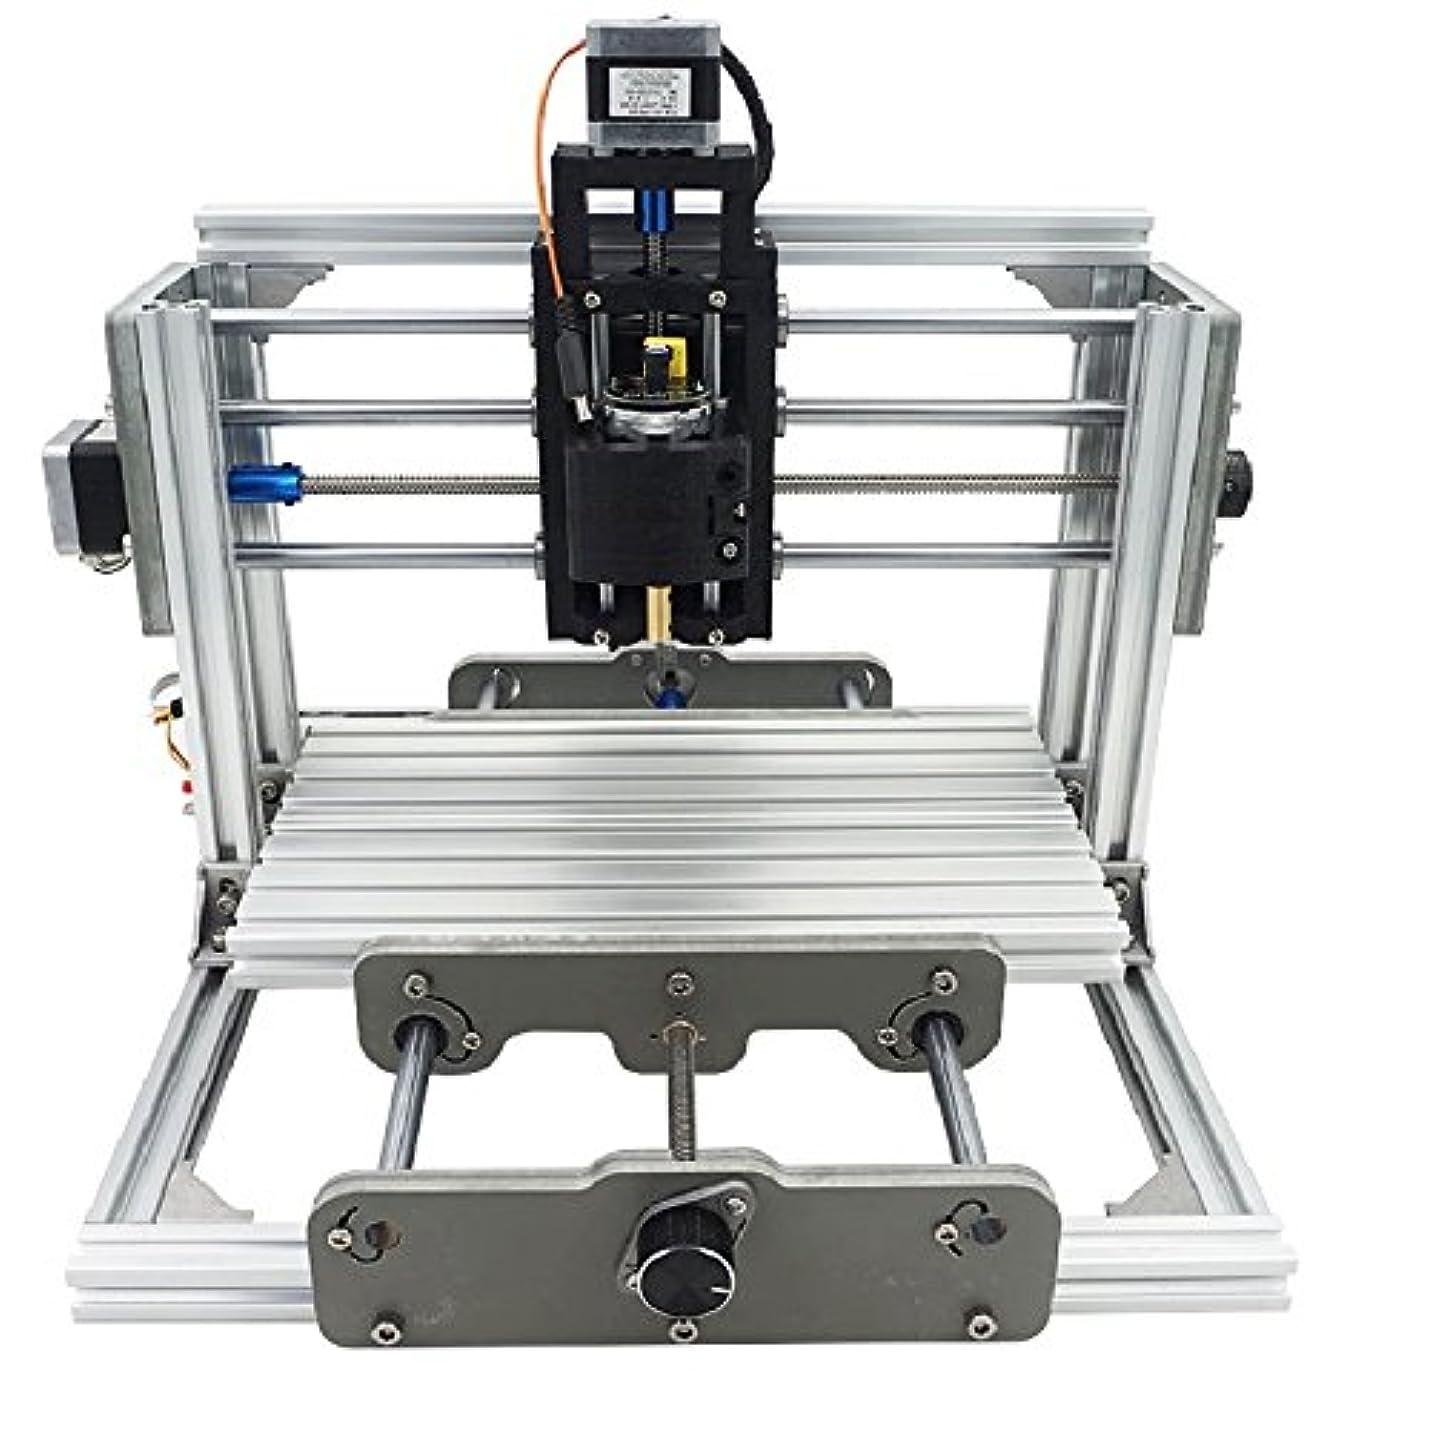 能力知っているに立ち寄る南極DIY CNCルータキット、CNC2417、ミニフライス盤、USBデスクトップ彫刻機、ウッドメタル用、木工用、金属加工用 - DIY CNC Router Kit, CNC2417, Mini Milling Machine, USB Desktop Engraving Machine, For Wood Metal, Woodworking, Metalworking